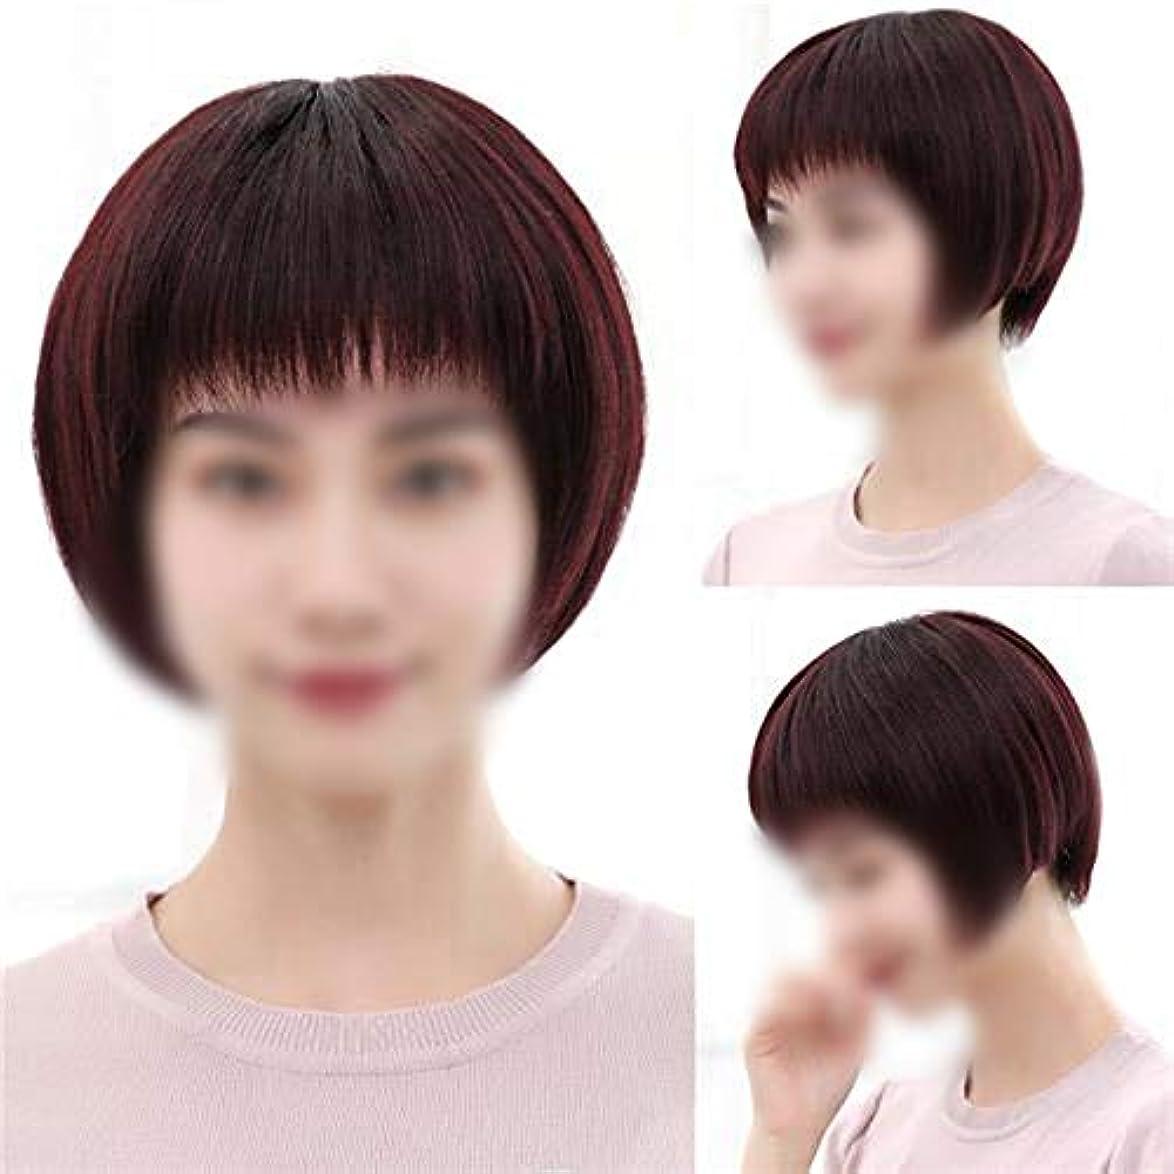 餌看板議会YOUQIU 女性の中年ウィッグウィッグボブショートストレート髪のフルハンド織実ヘアウィッグ (色 : Dark brown)